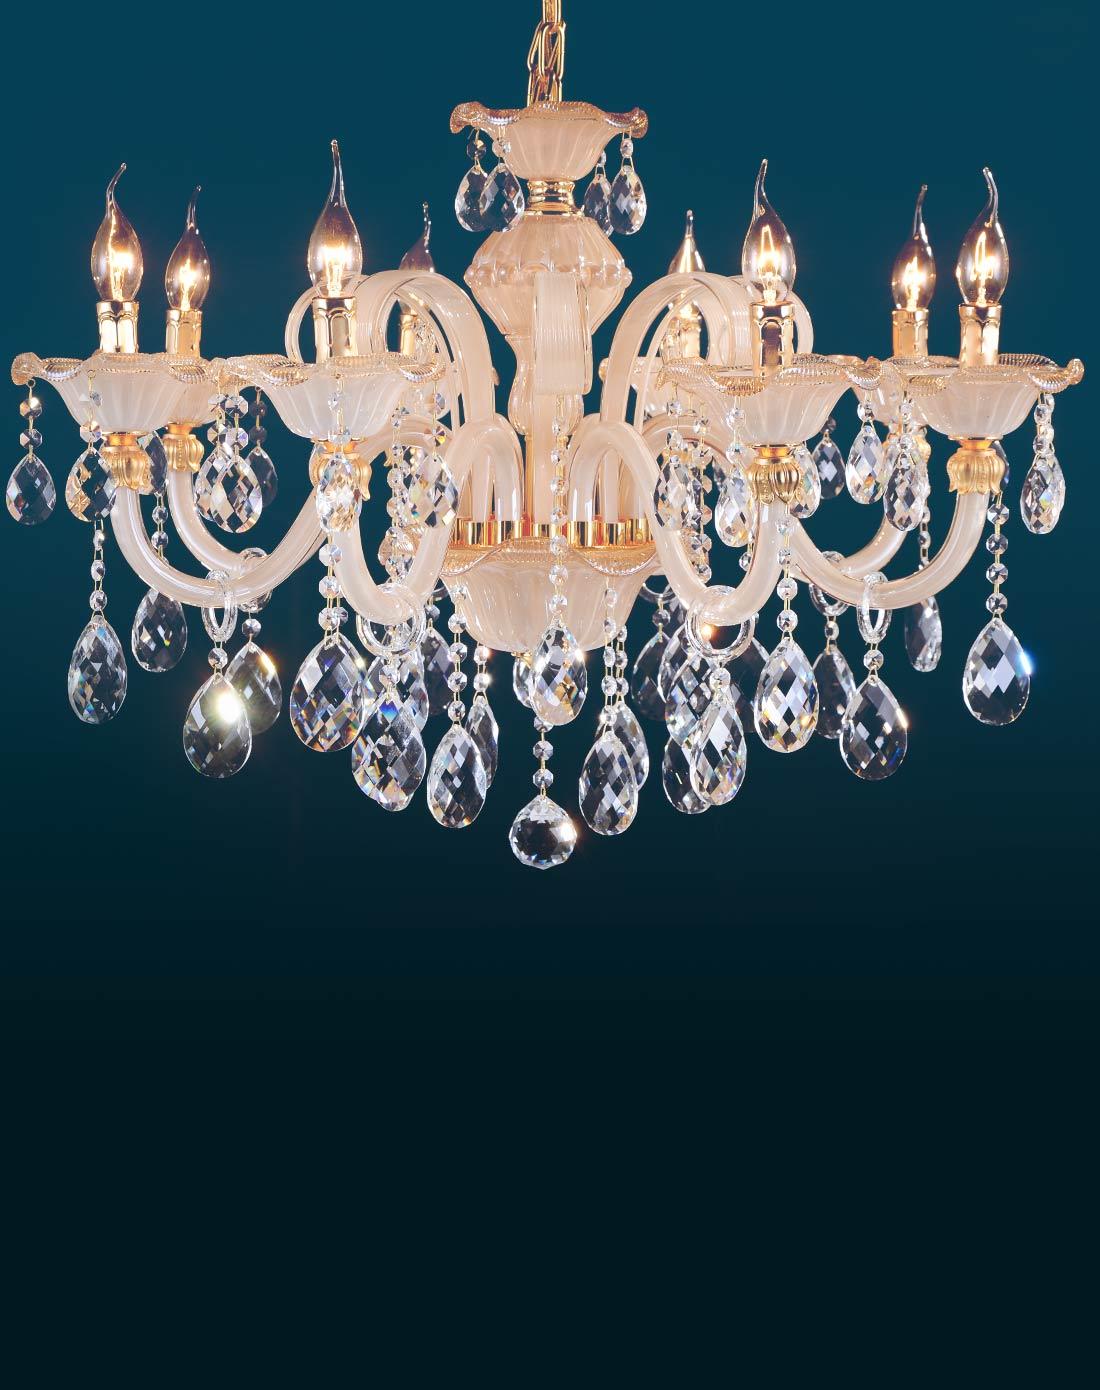 欧式水晶10头吊灯 简约水晶蜡烛灯饰